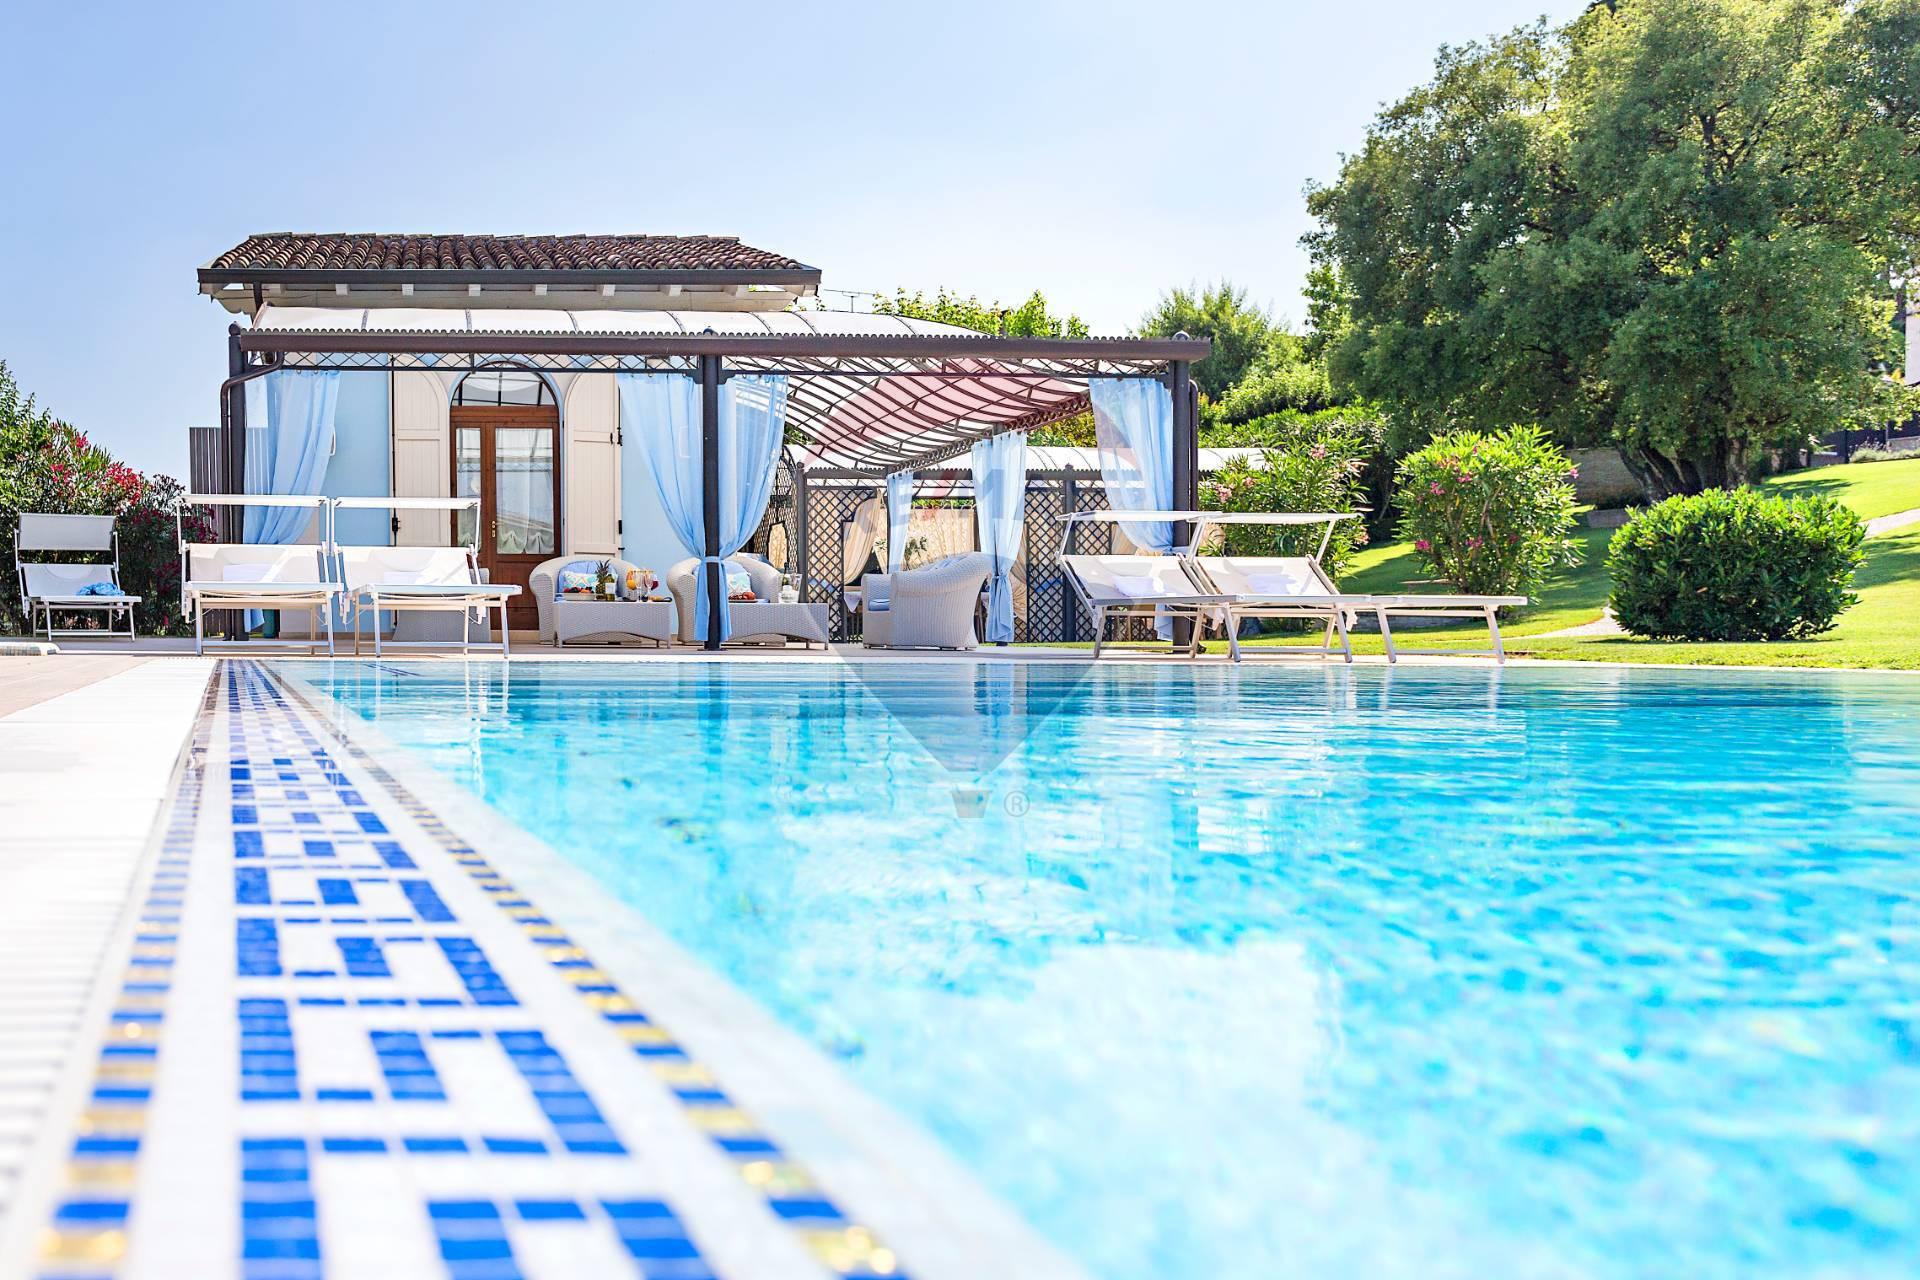 Villa in affitto a Desenzano del Garda, 20 locali, zona Località: DesenzanodelGarda, prezzo € 15.000 | CambioCasa.it